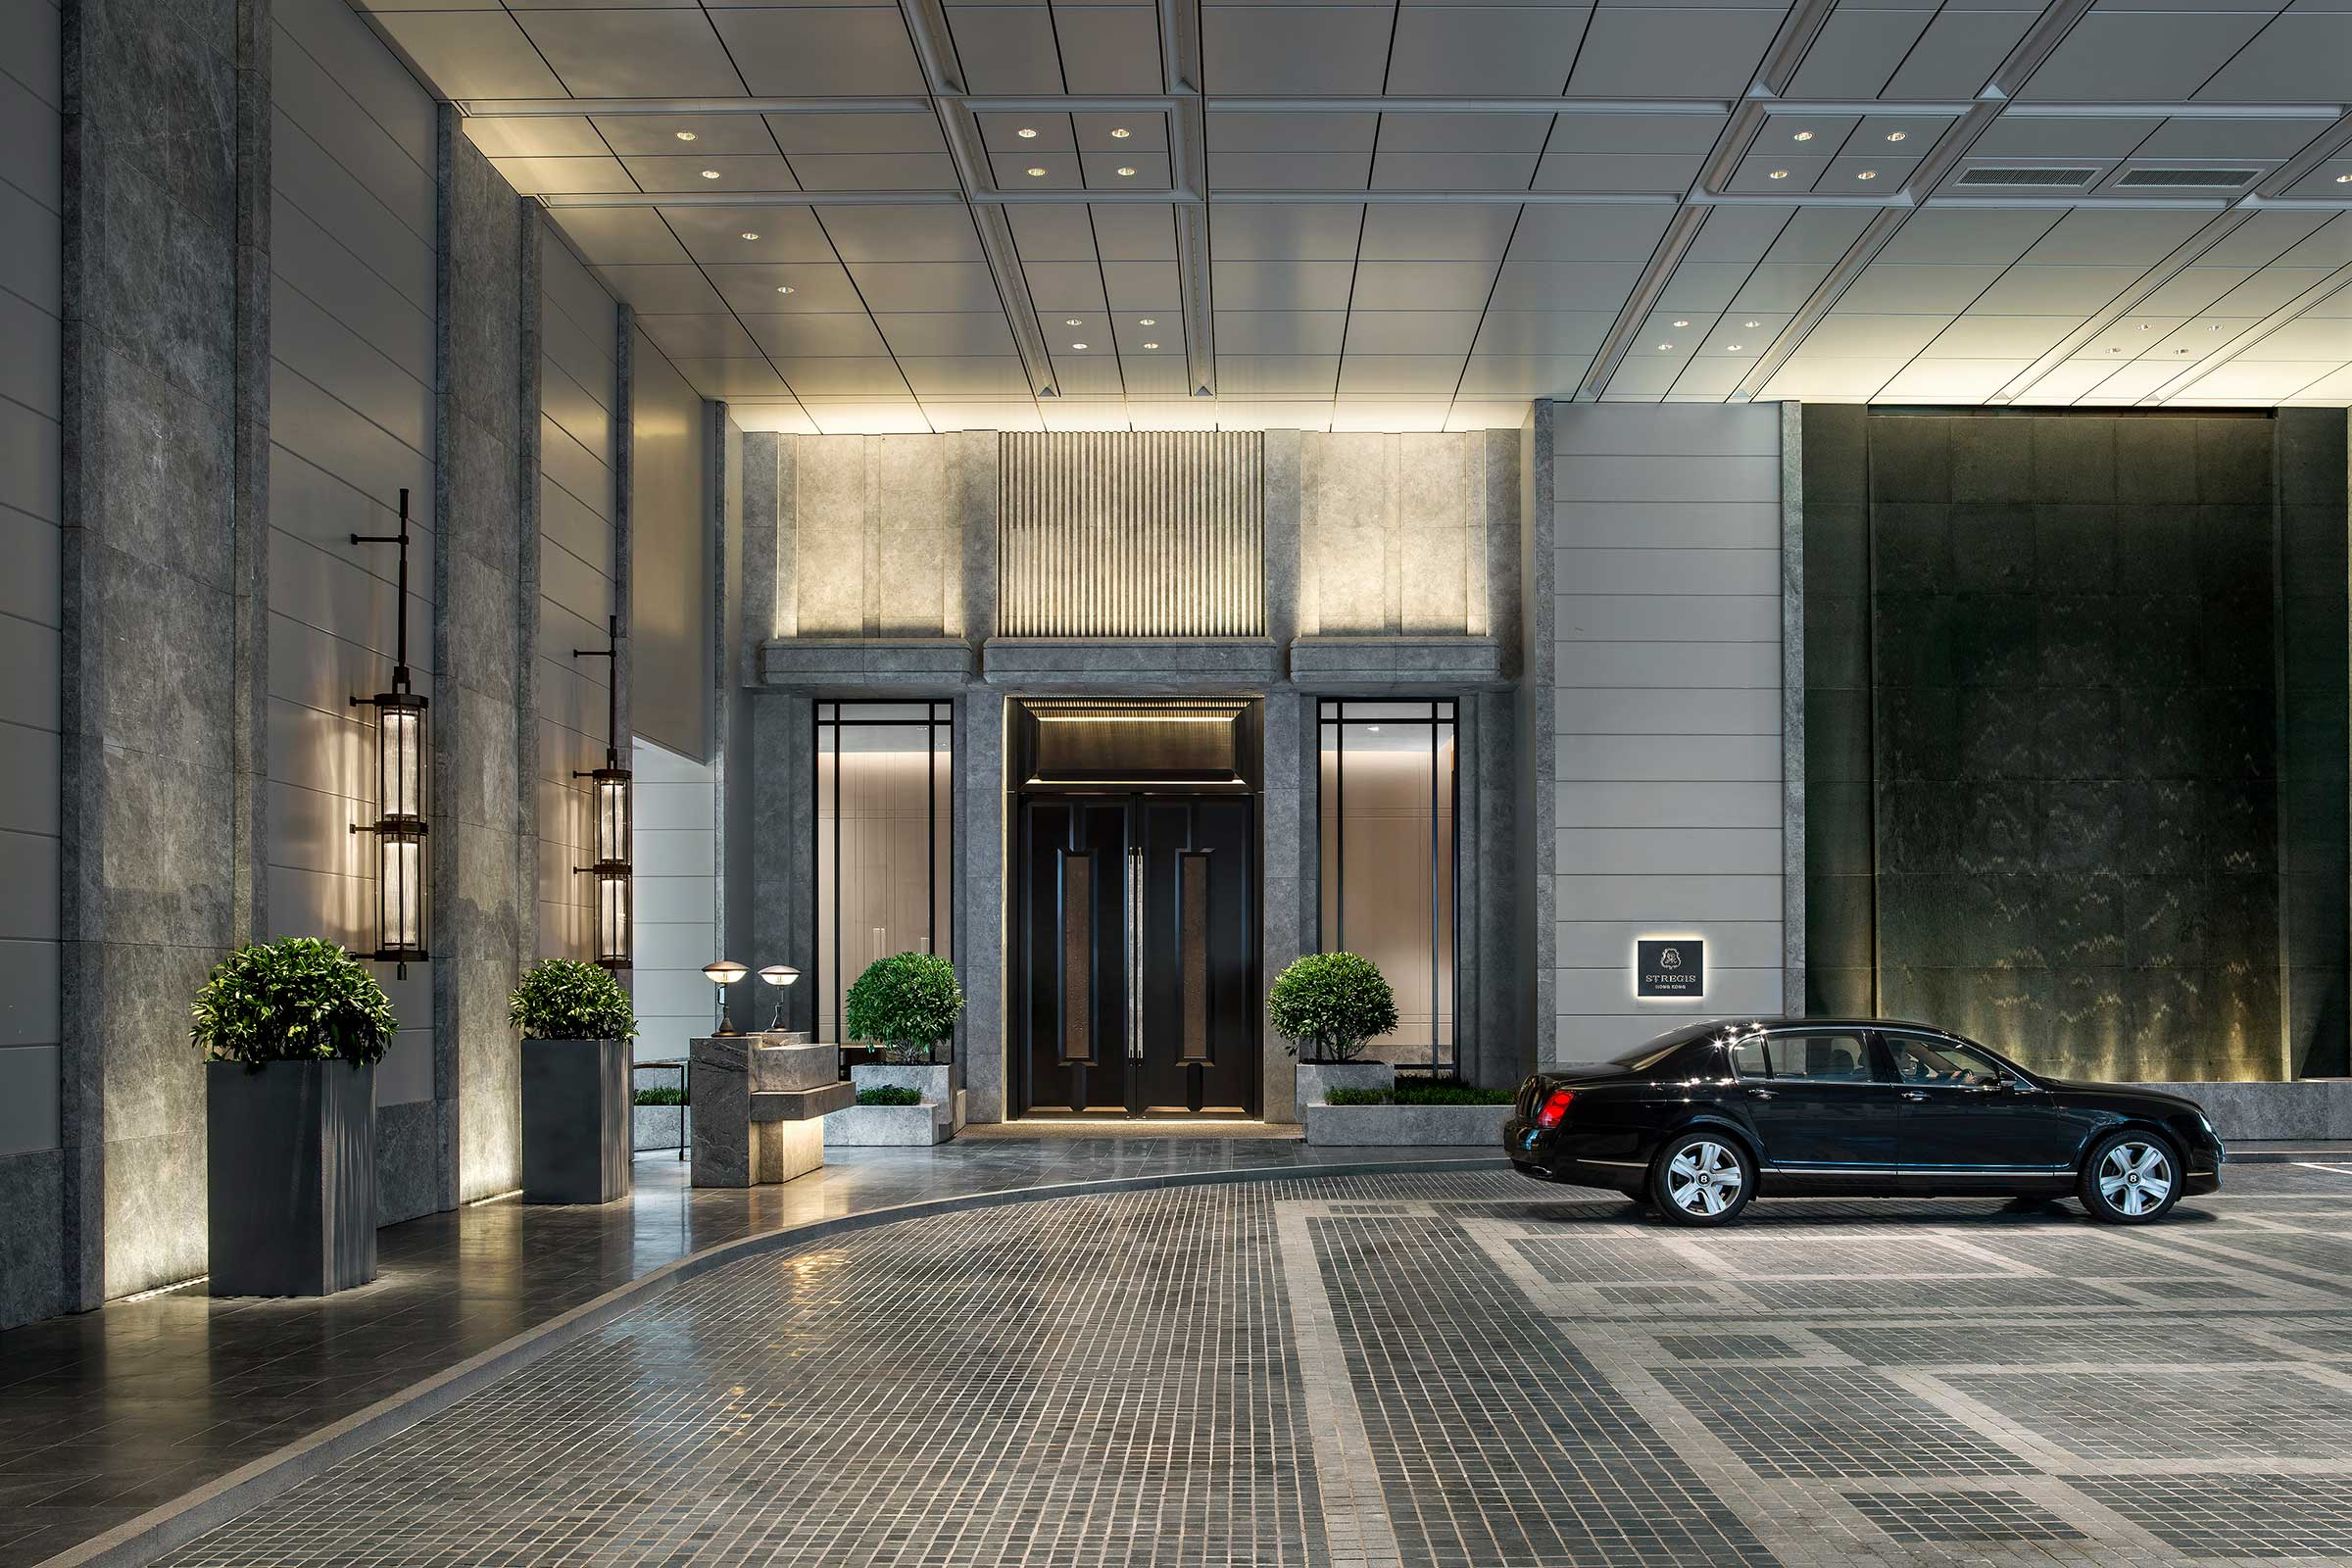 St.-Regis-Hong-Kong,-Porte-Corchere,-Bentley.jpg